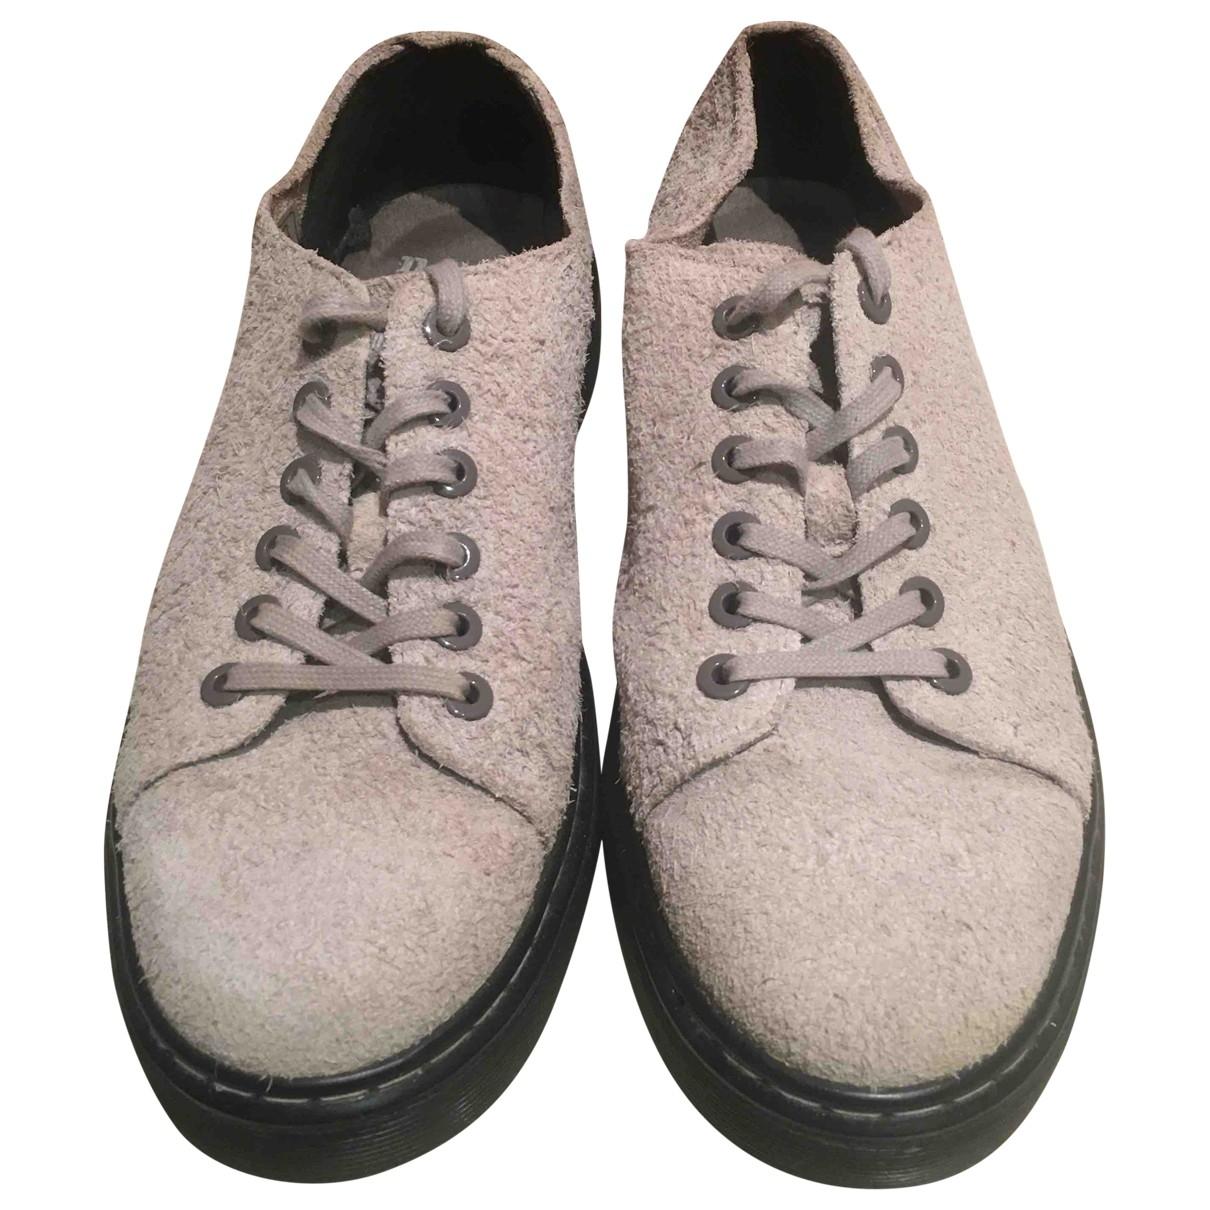 Dr. Martens - Baskets   pour homme en cuir - gris